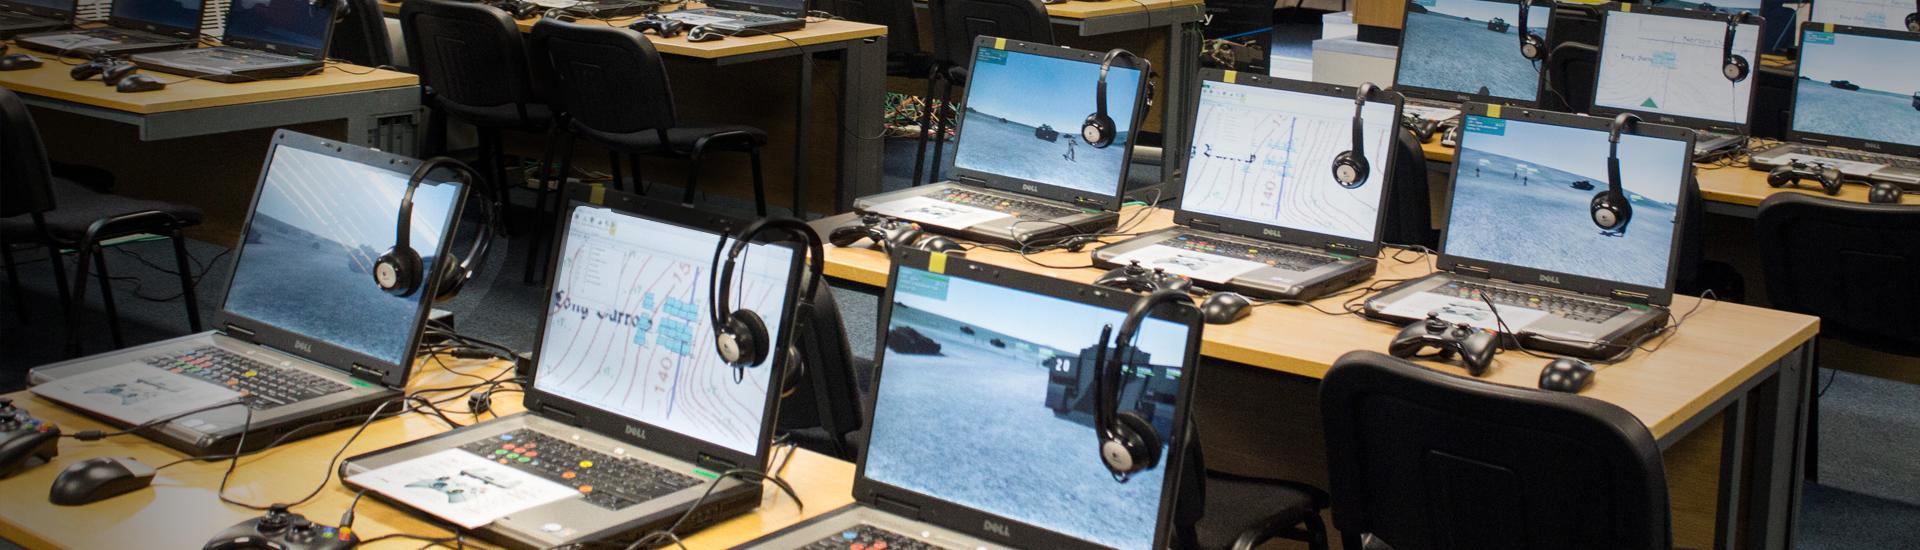 Computer laptops in work room